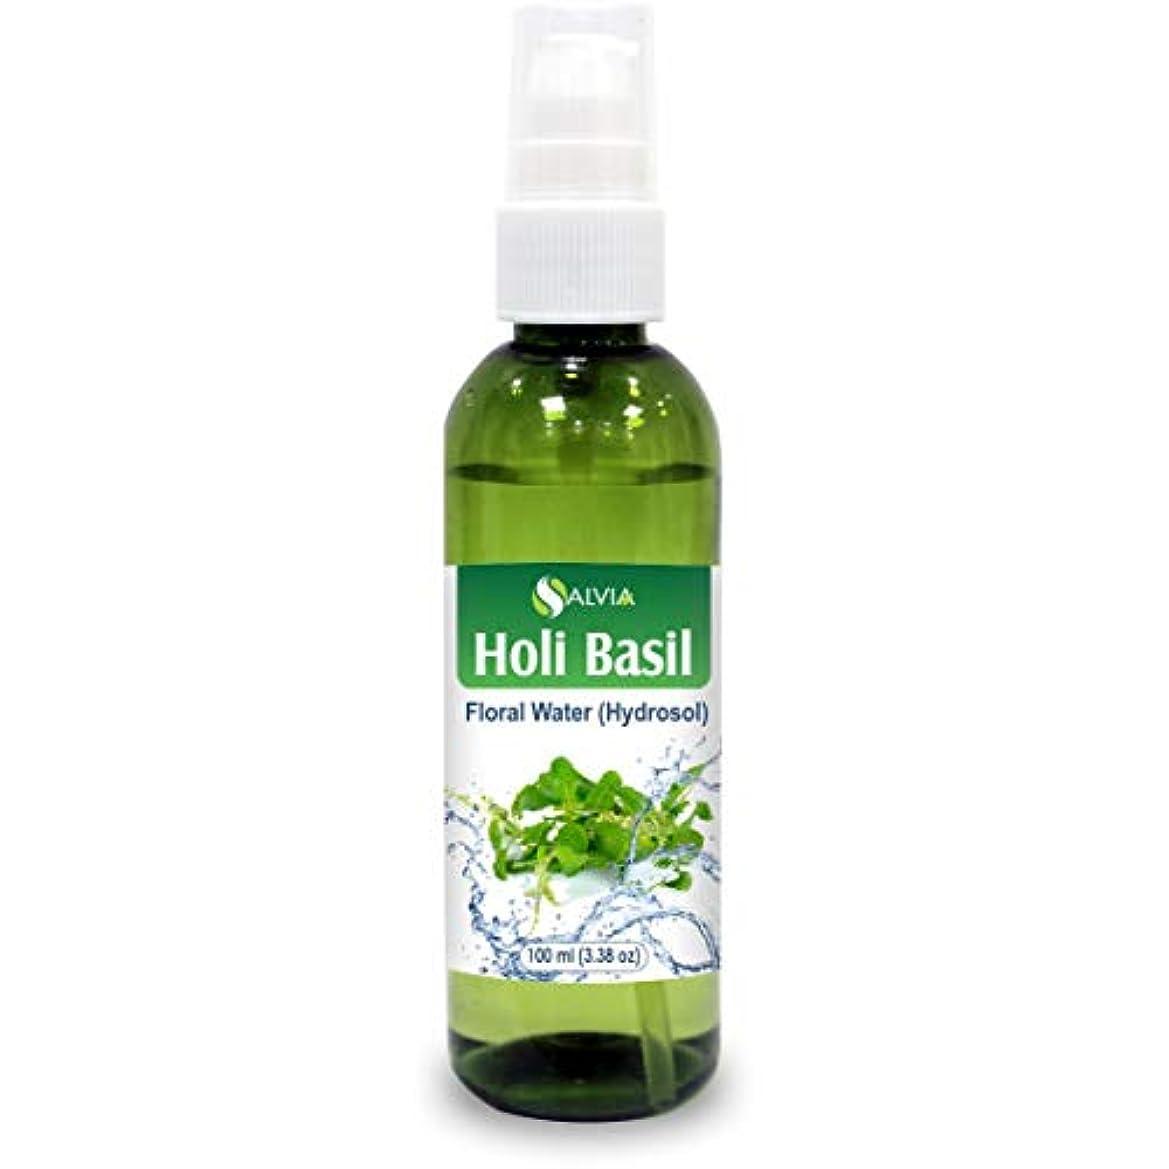 座る勇敢なとまり木Holy Basil (Tulsi) Floral Water 100ml (Hydrosol) 100% Pure And Natural